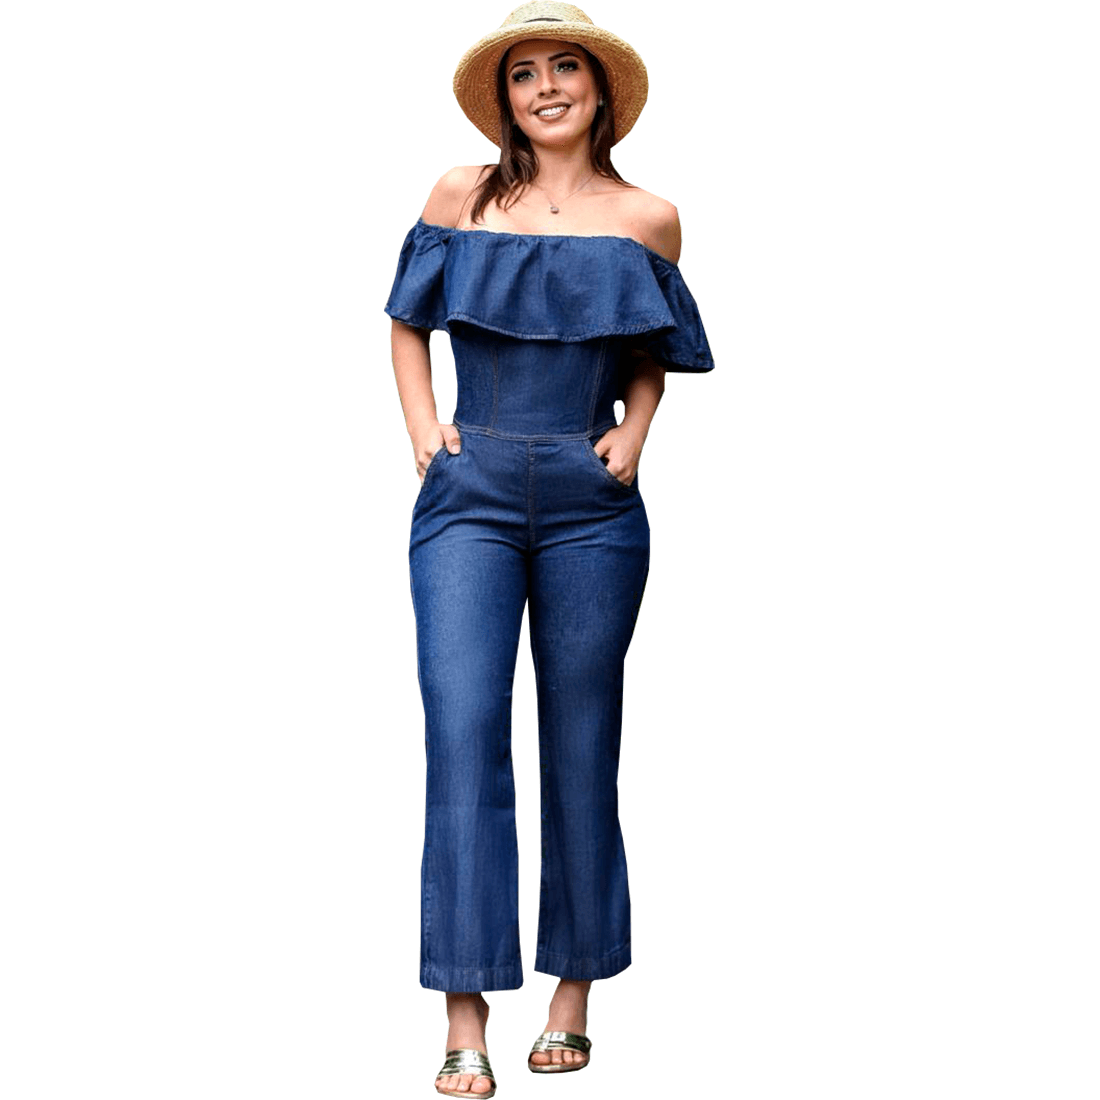 Macacão Jeans Feminino longo Pantacourt ombro Ciganinha azul escuro